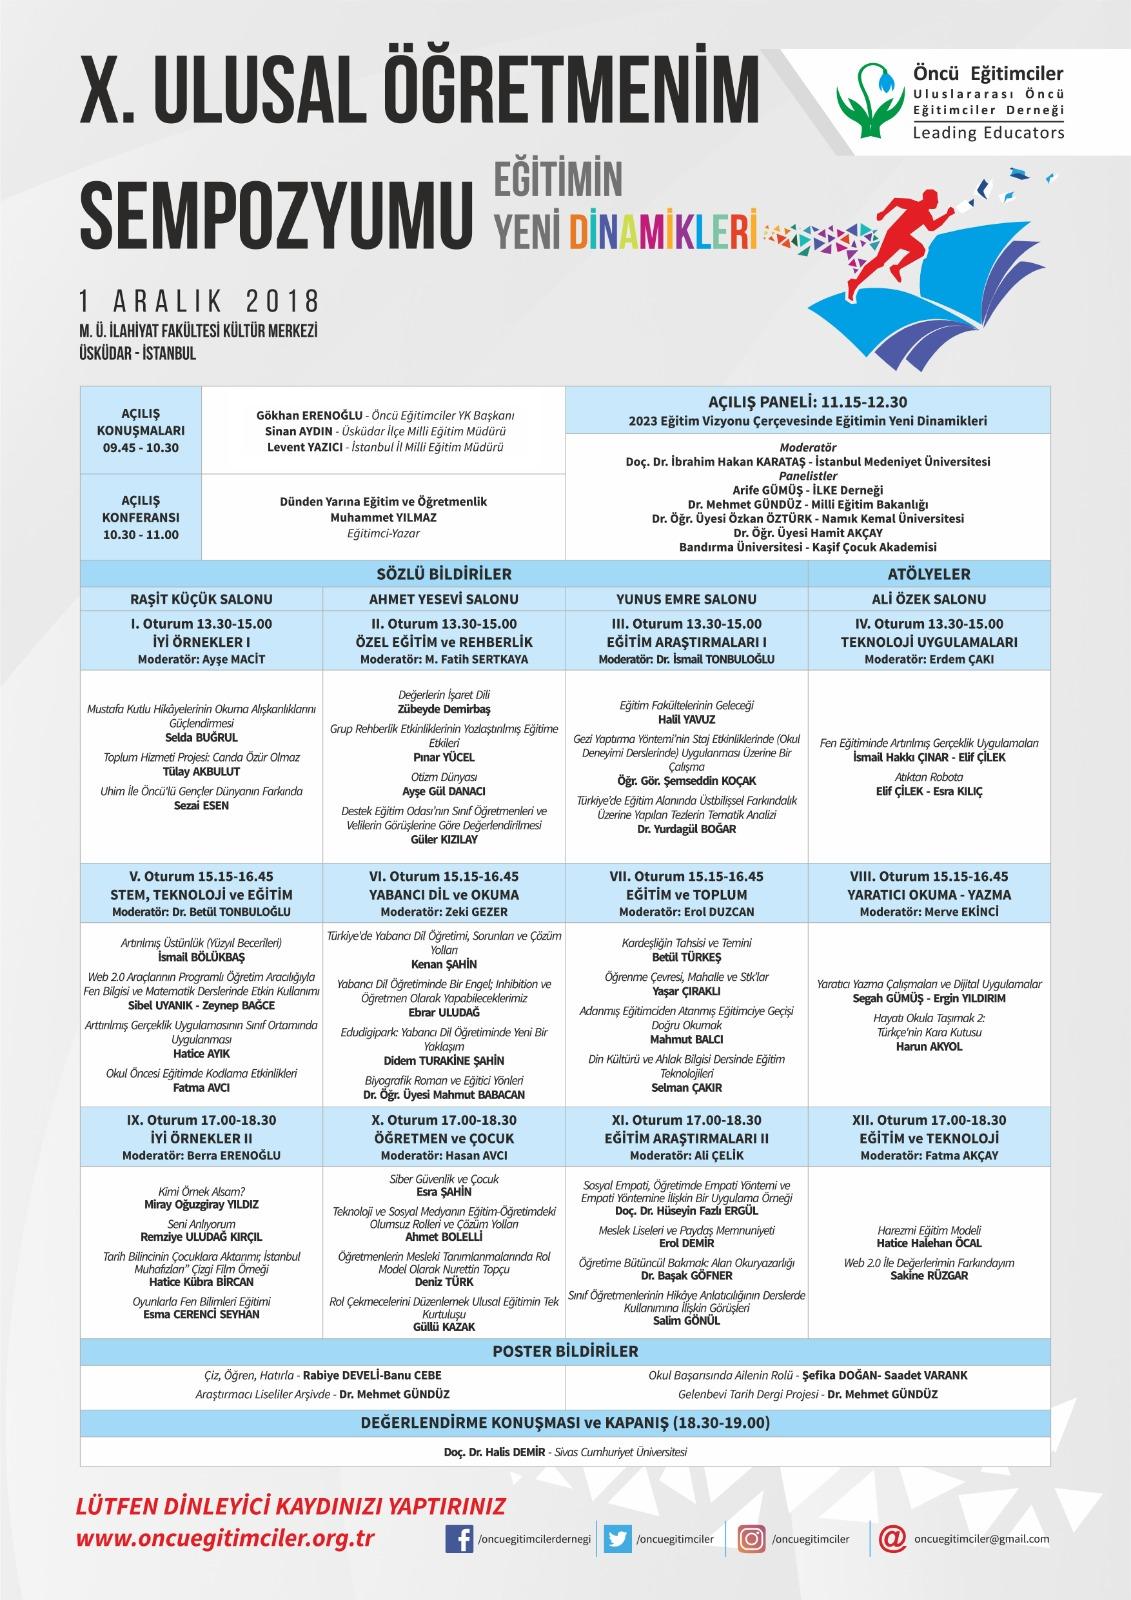 2018-12-01 - Eğitimin Yeni Dinamikleri: X. Ulusal Öğretmenim Sempozyumu - Eğitim Araştırma Dernekleri